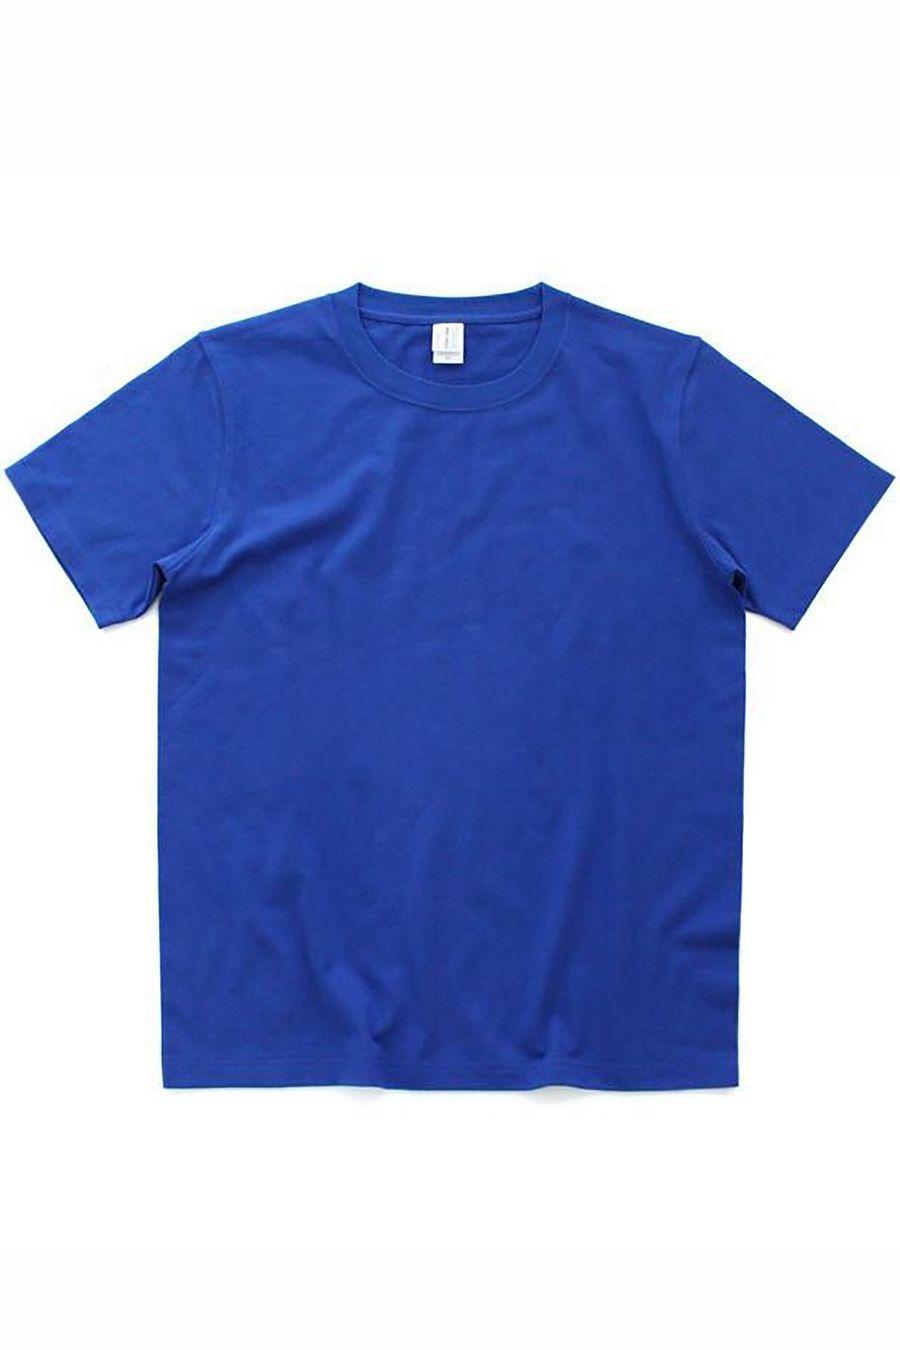 Футболка мужская к/р однотонная синяя - фото 1